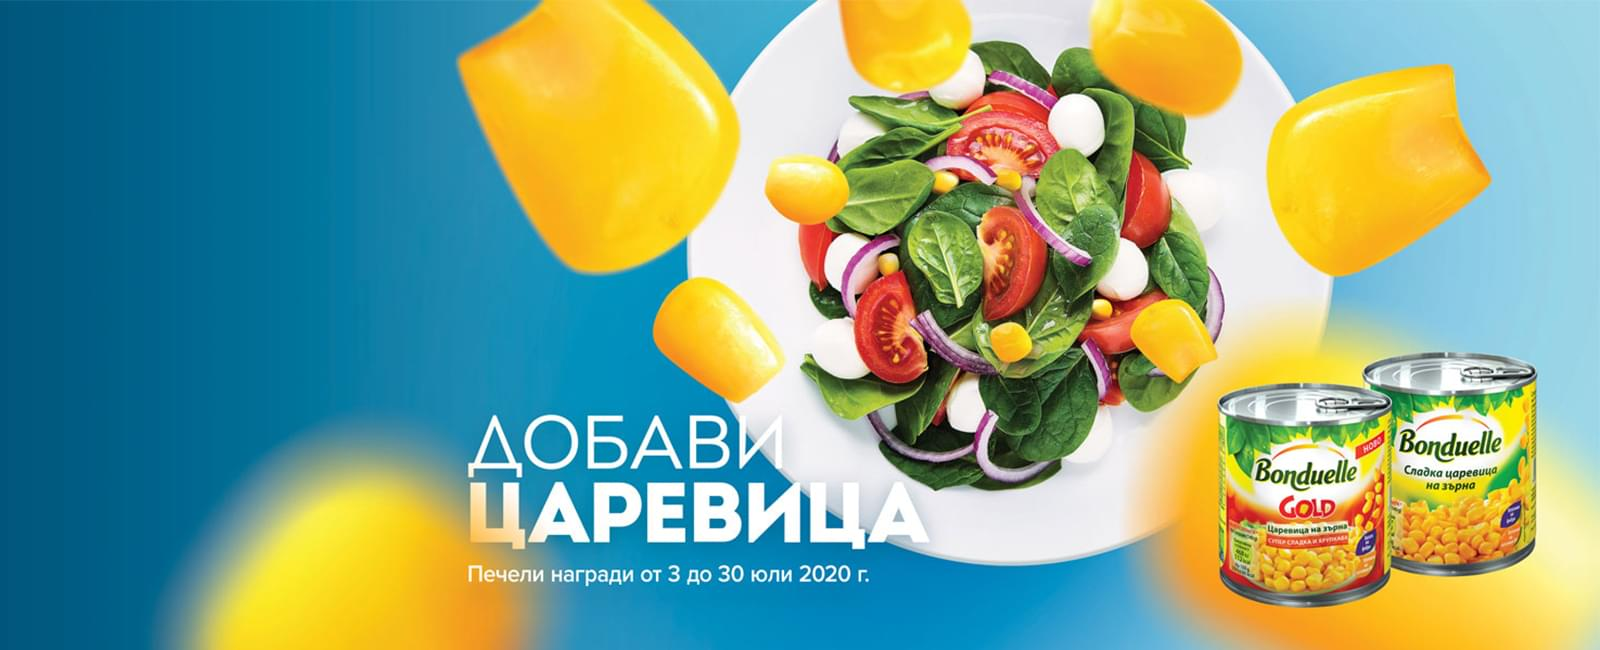 Нов зеленчук, различна салата